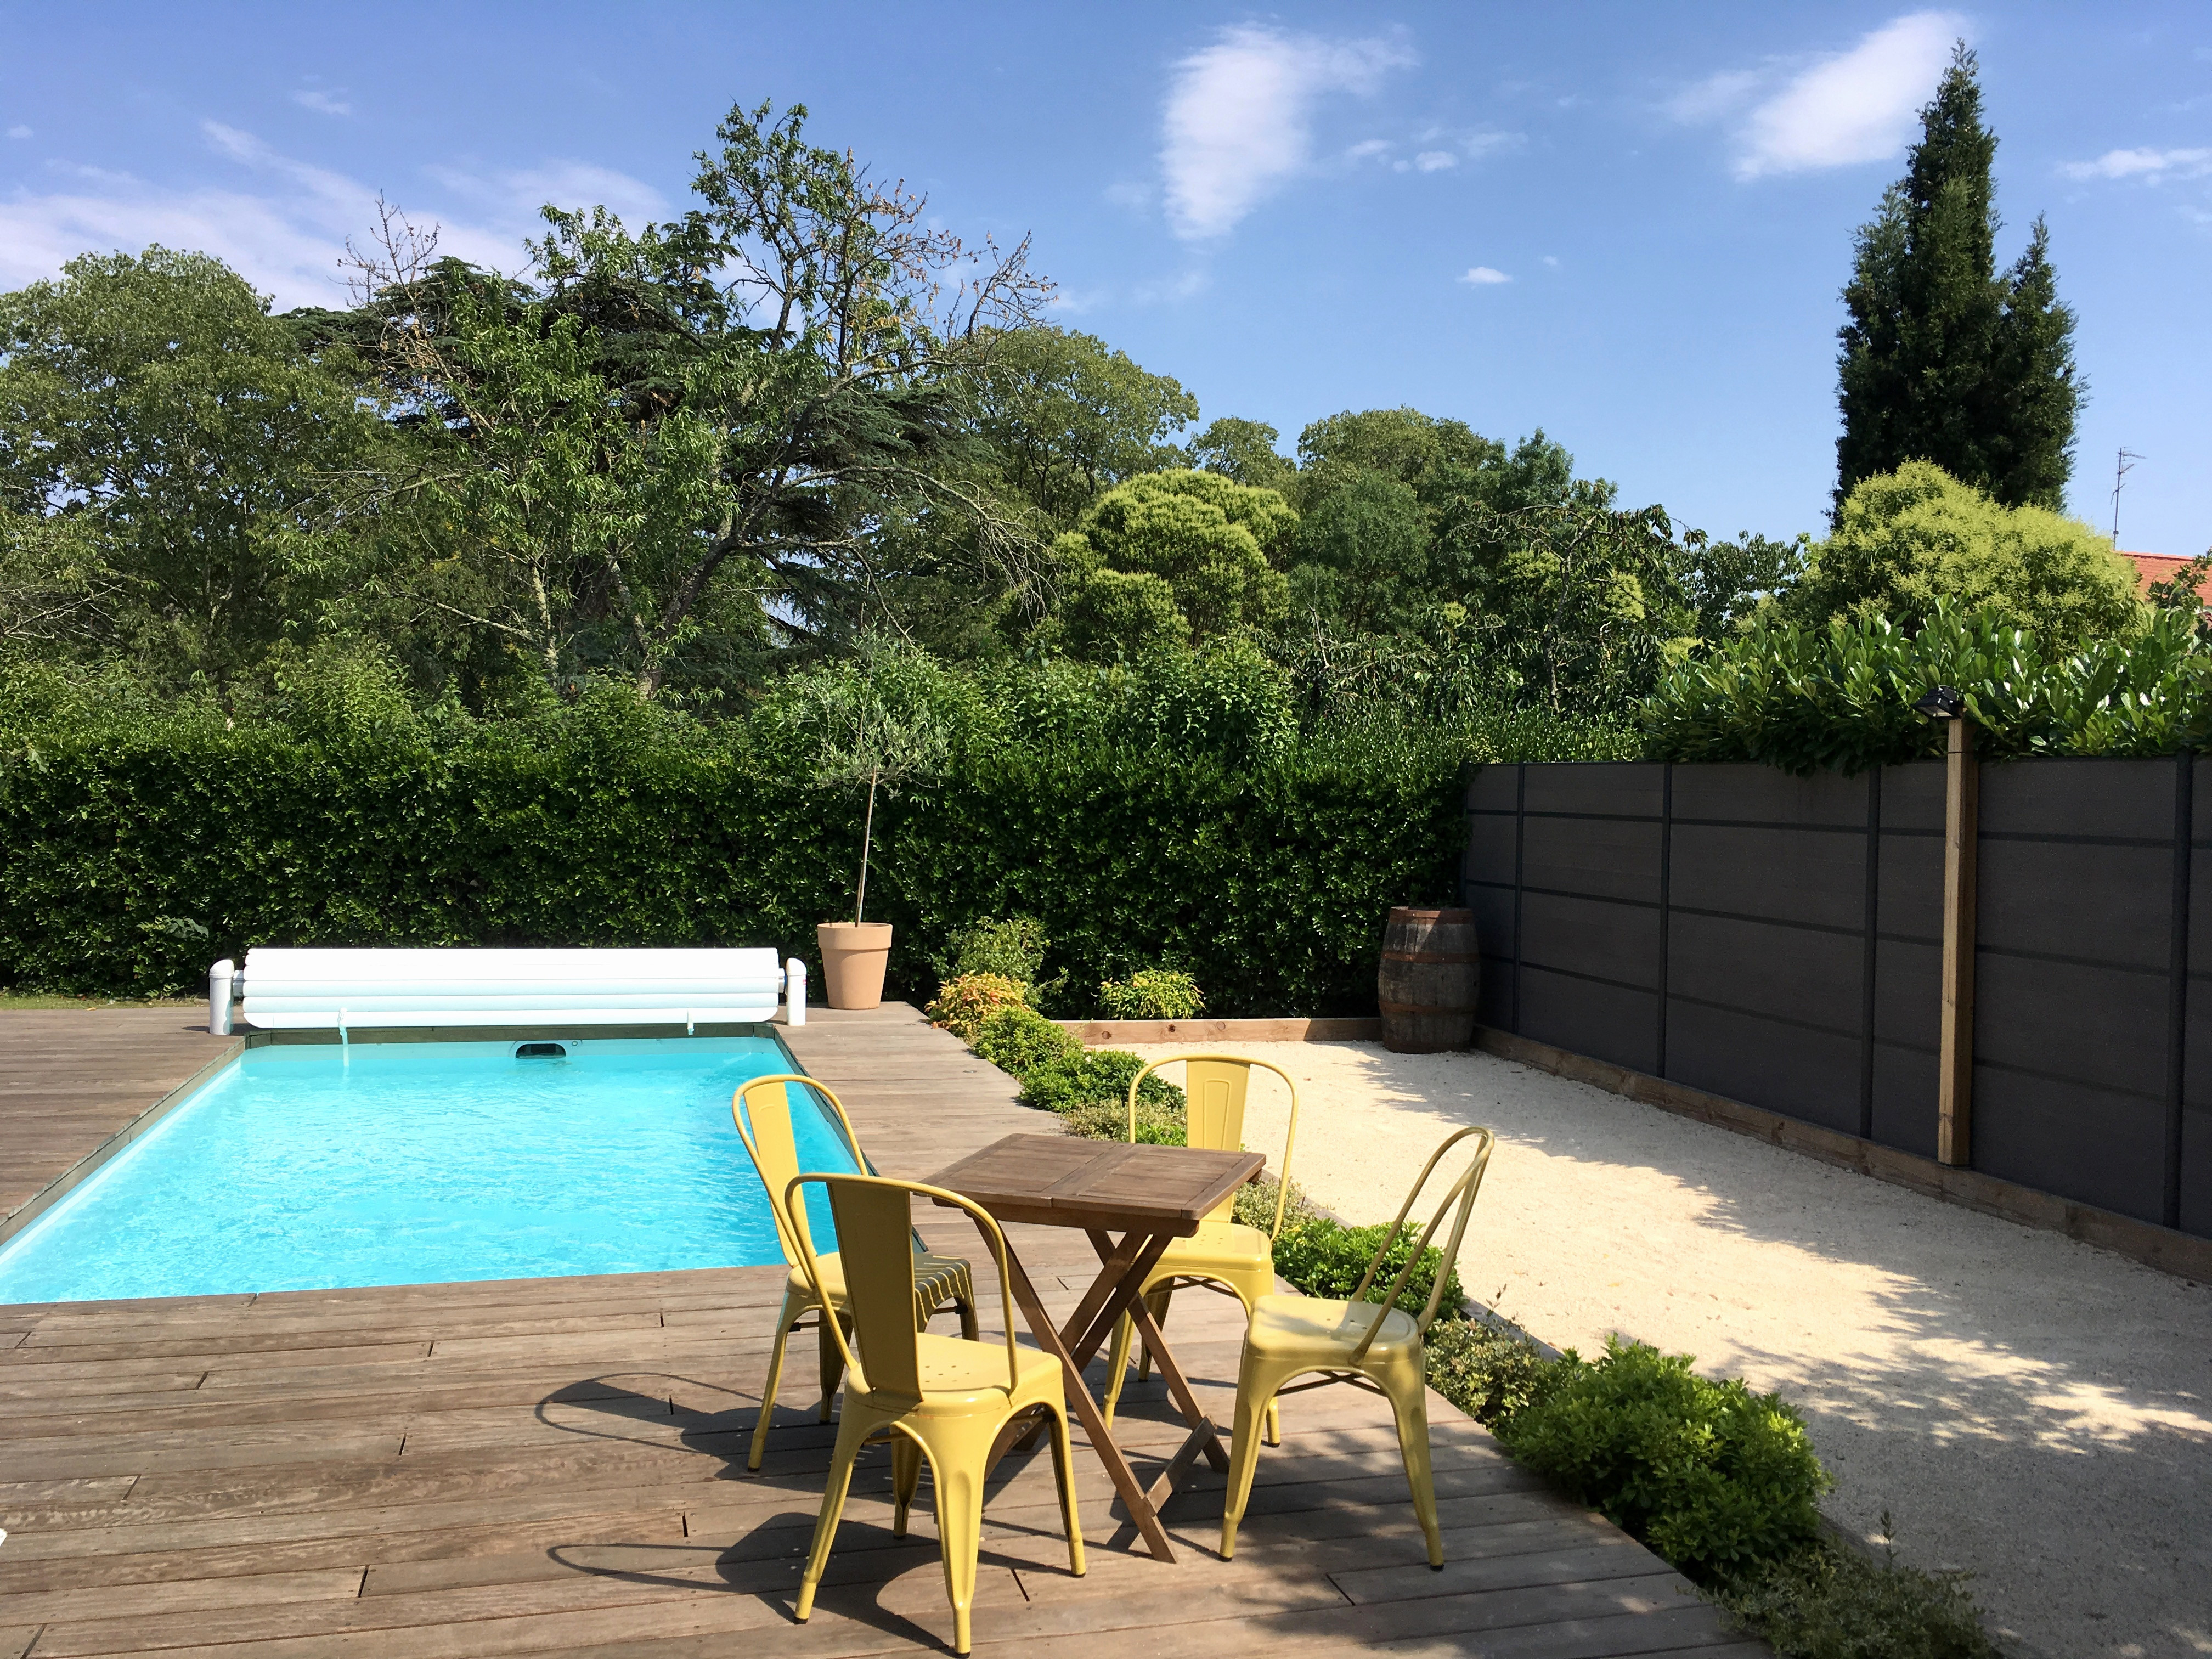 Bordures De Jardin Moderne Beau Photographie Bordure De Jardin Bois Ainsi Que Confortable Parasol Jardin